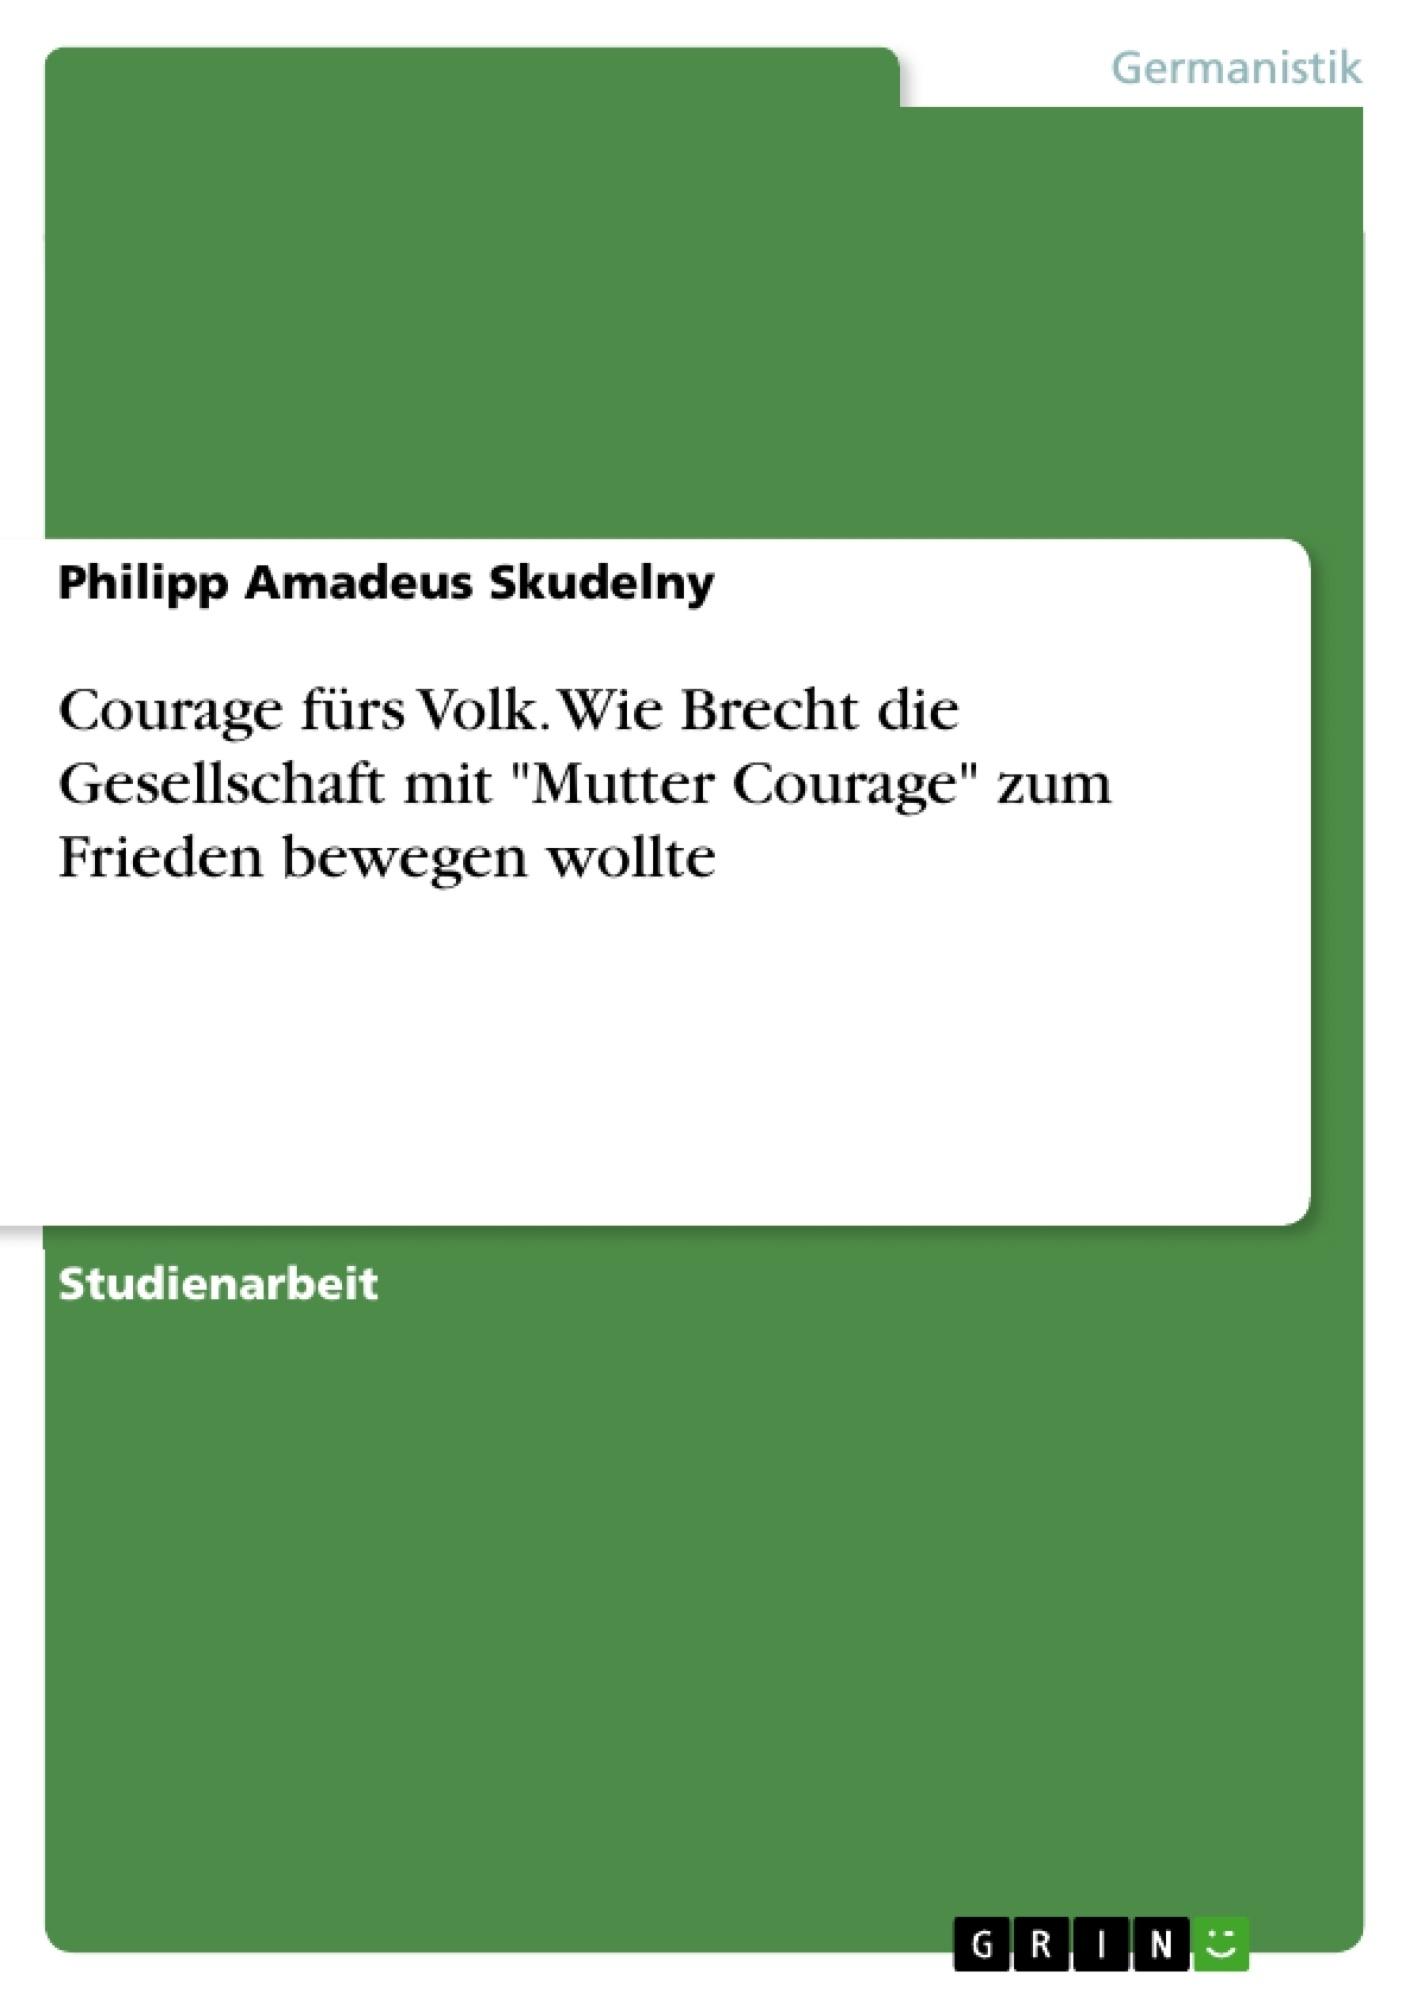 Erfreut Arten Von Lebensläufen 2016 Bilder - Entry Level Resume ...